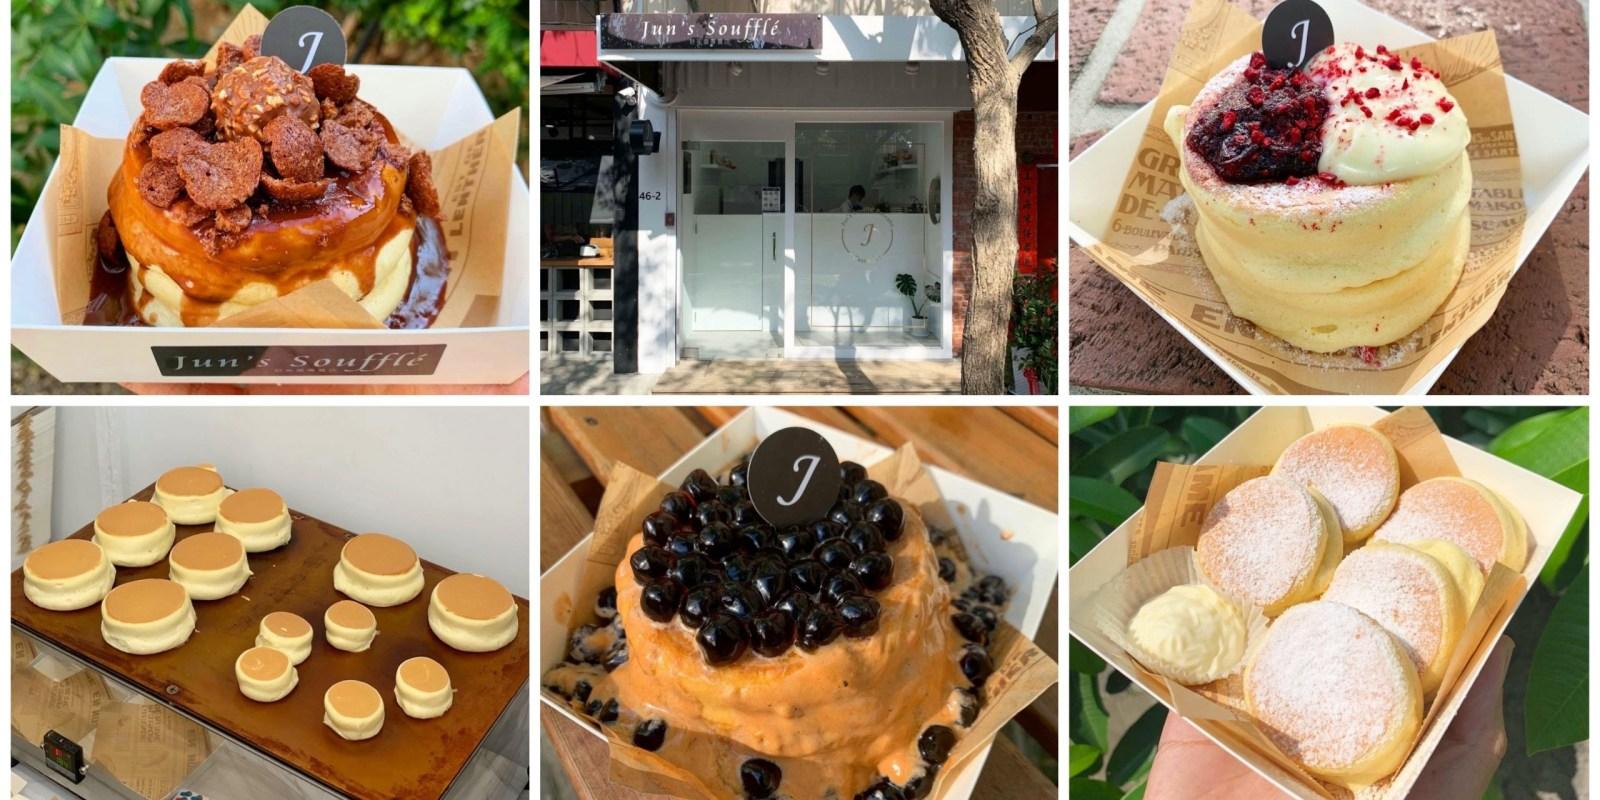 [台南美食] Jun's Soufflé舒芙蕾專賣店 - 新開的潔白美店賣著超鬆軟的舒芙蕾!